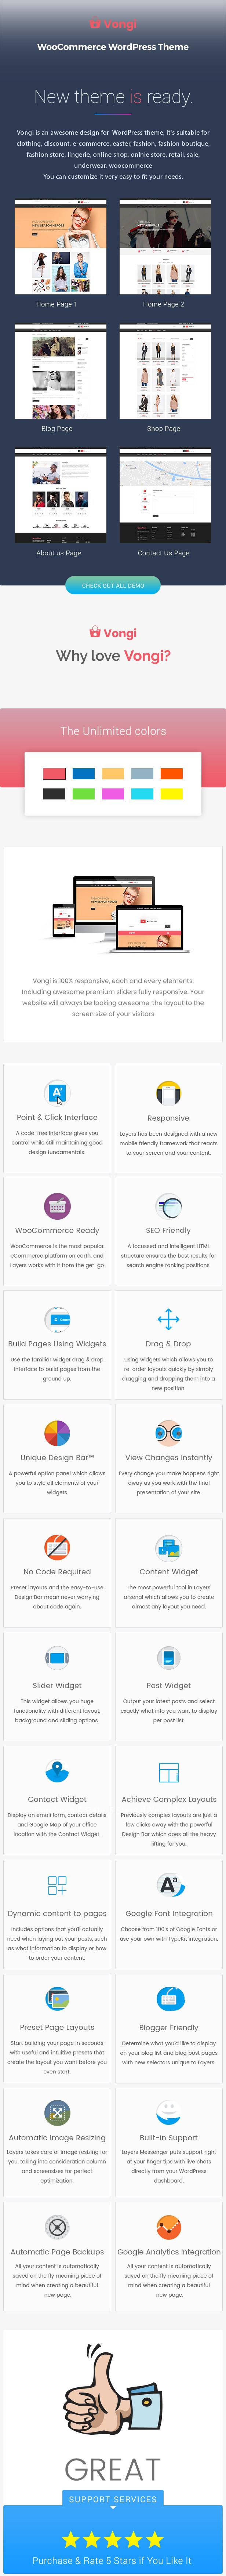 Vongi - WooCommerce WordPress Theme 2